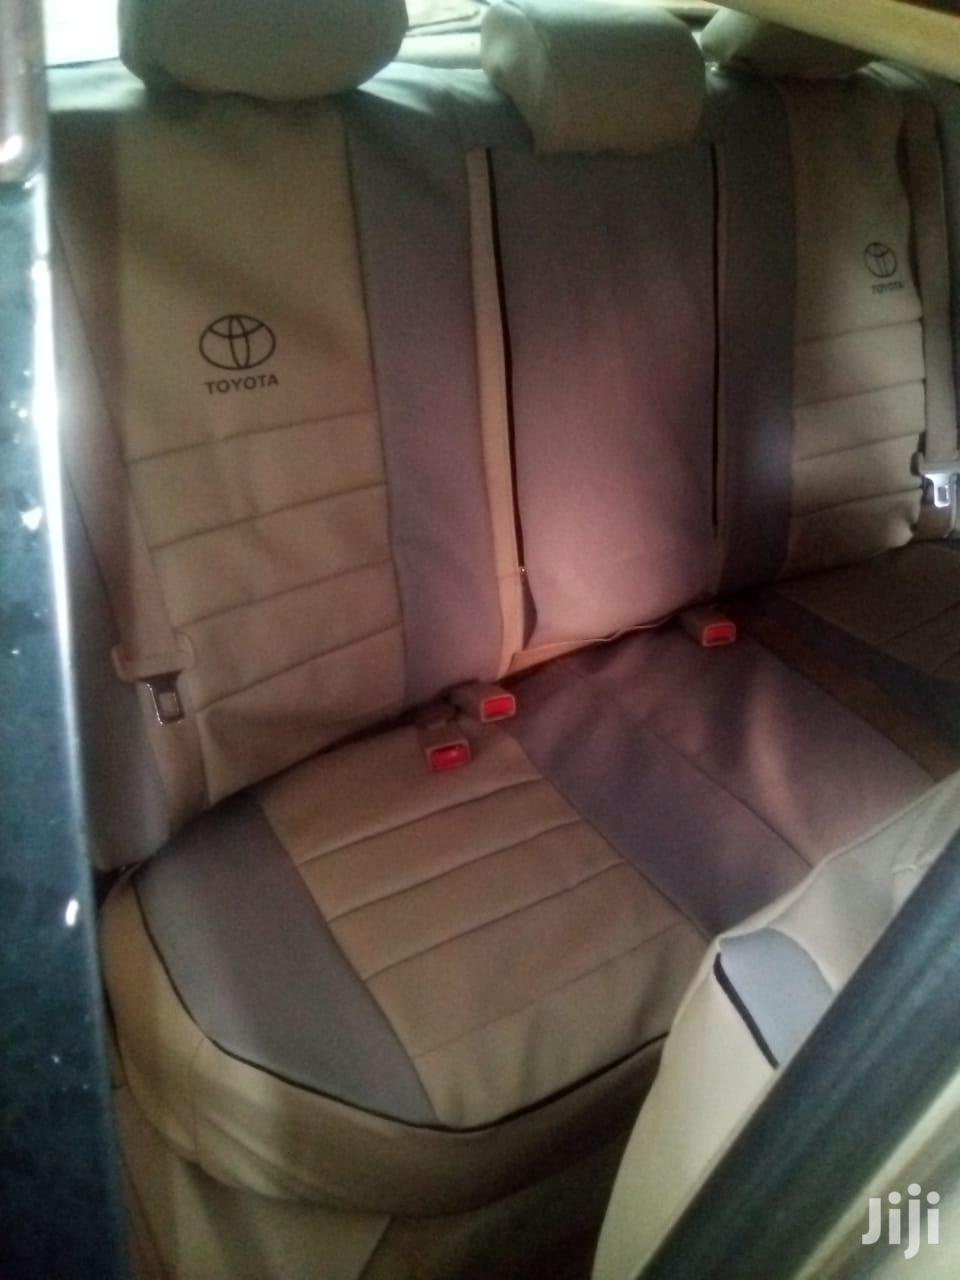 Flamingo Car Seat Covers | Vehicle Parts & Accessories for sale in Flamingo, Nakuru, Kenya